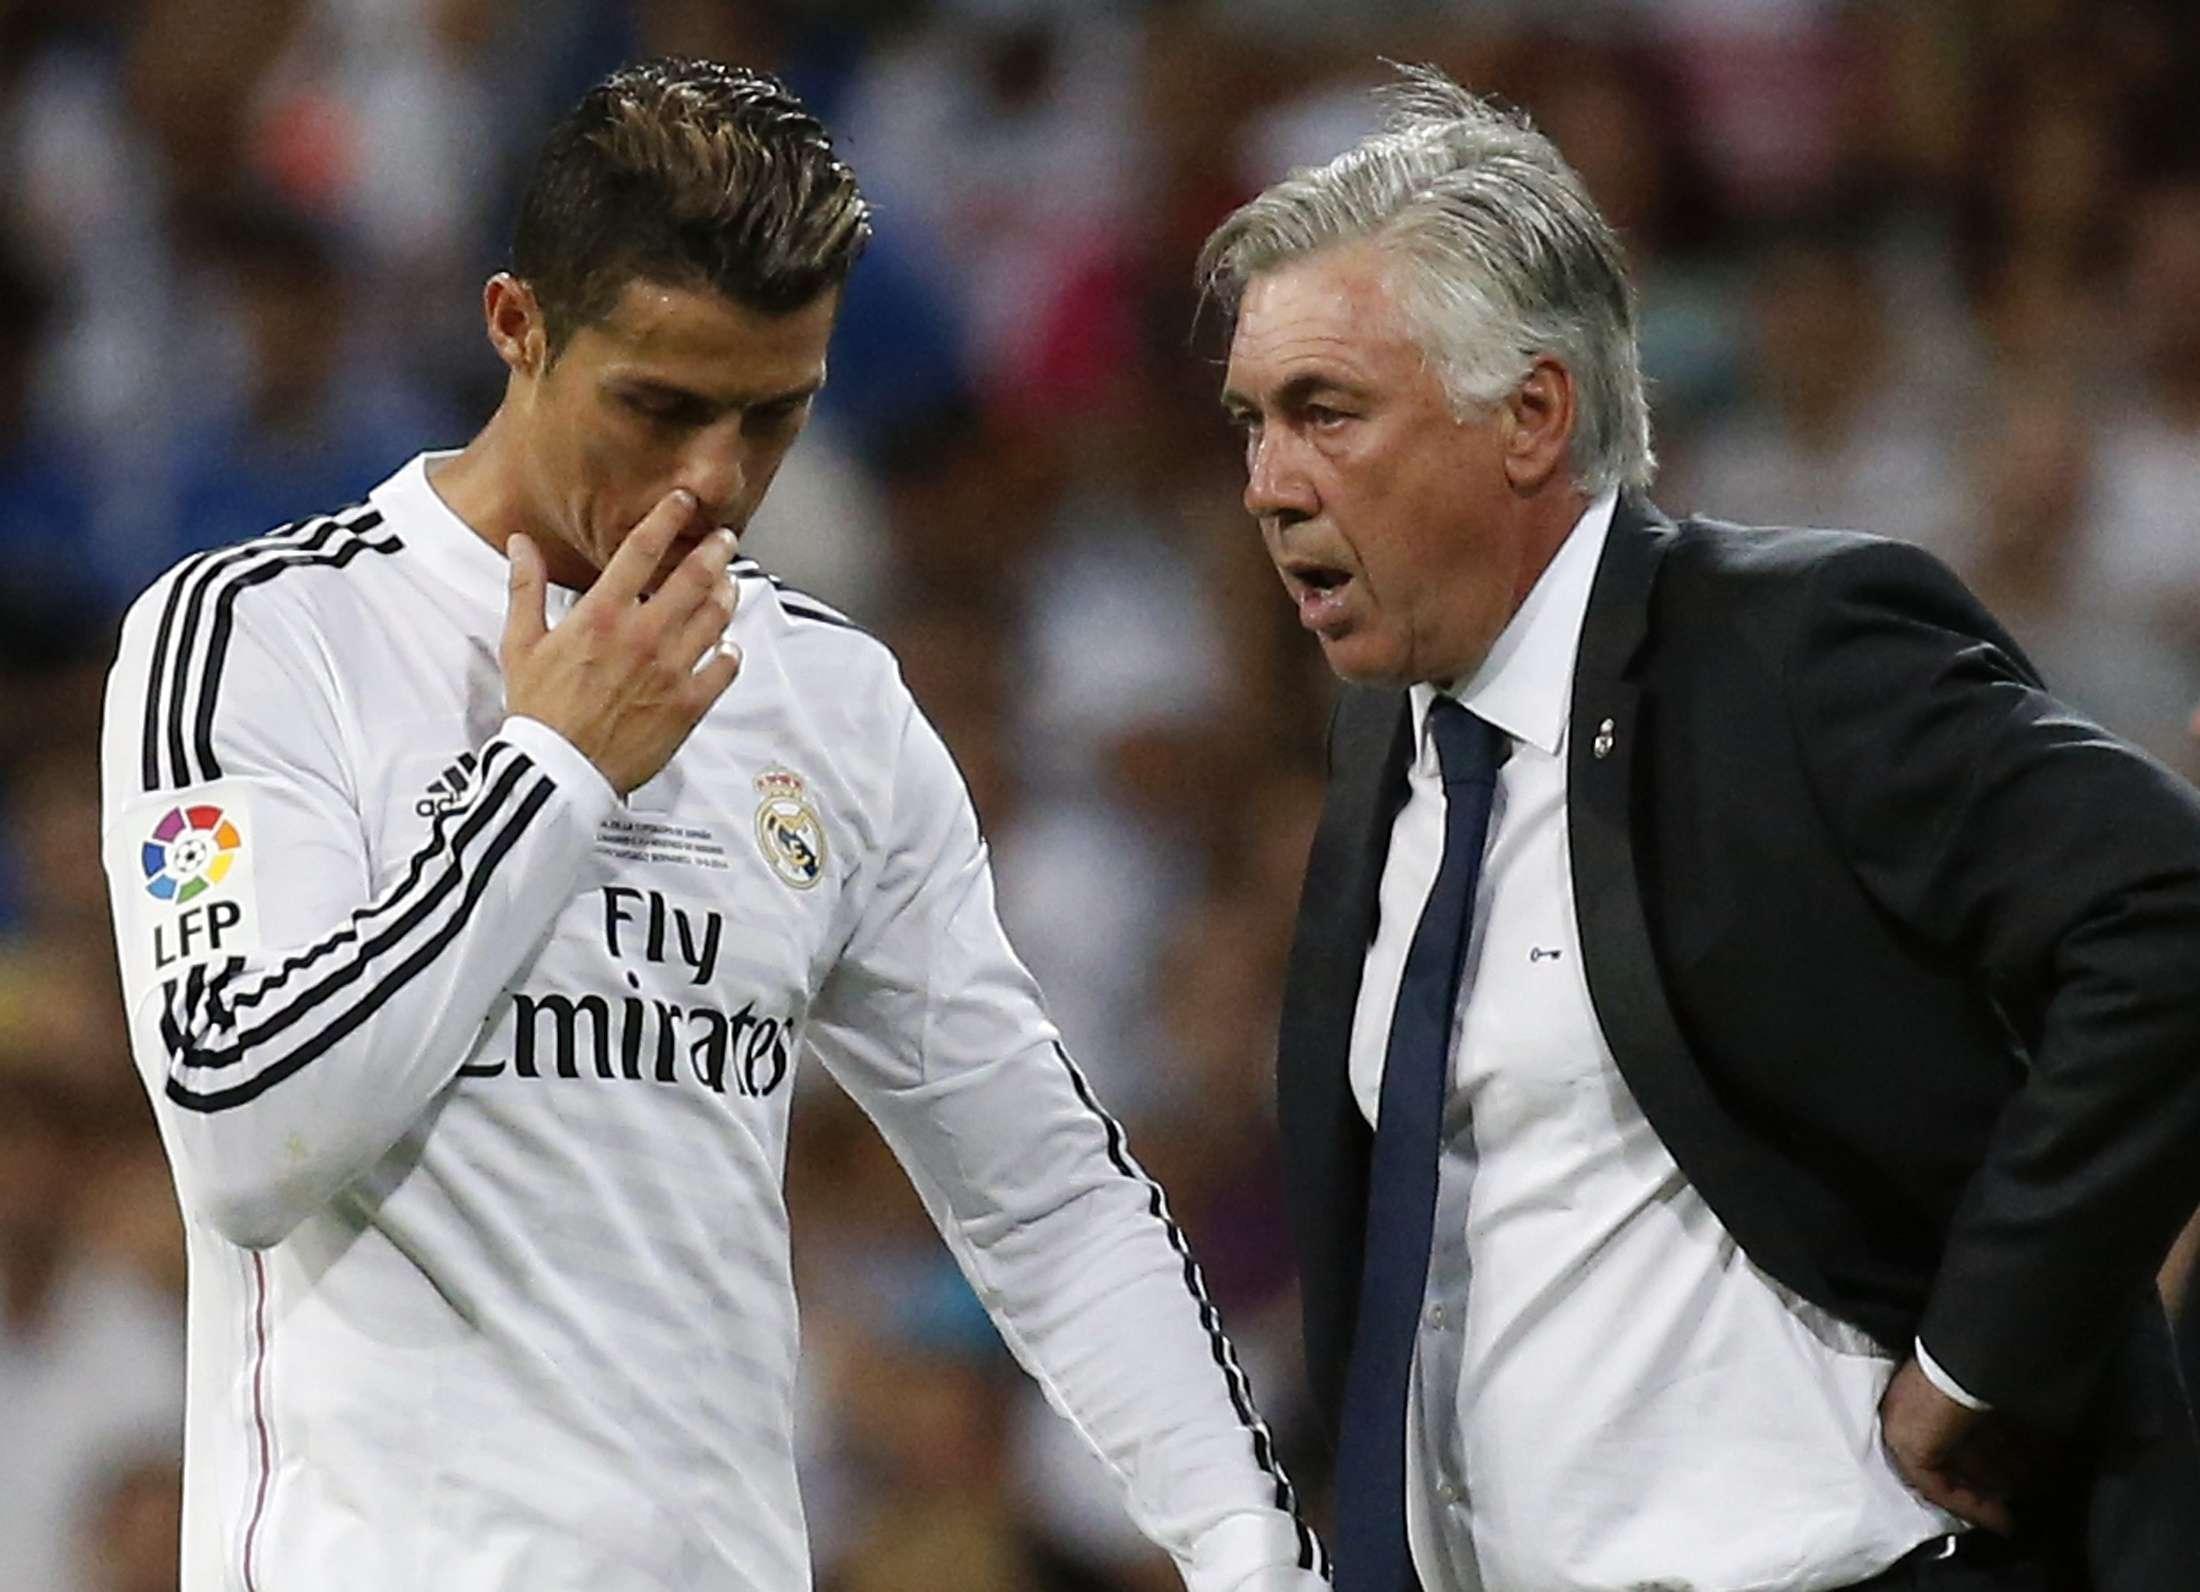 Cristiano Ronaldo entrou no segundo tempo, mas pouco criou para o Real Madrid Foto: Juan Medina/Reuters